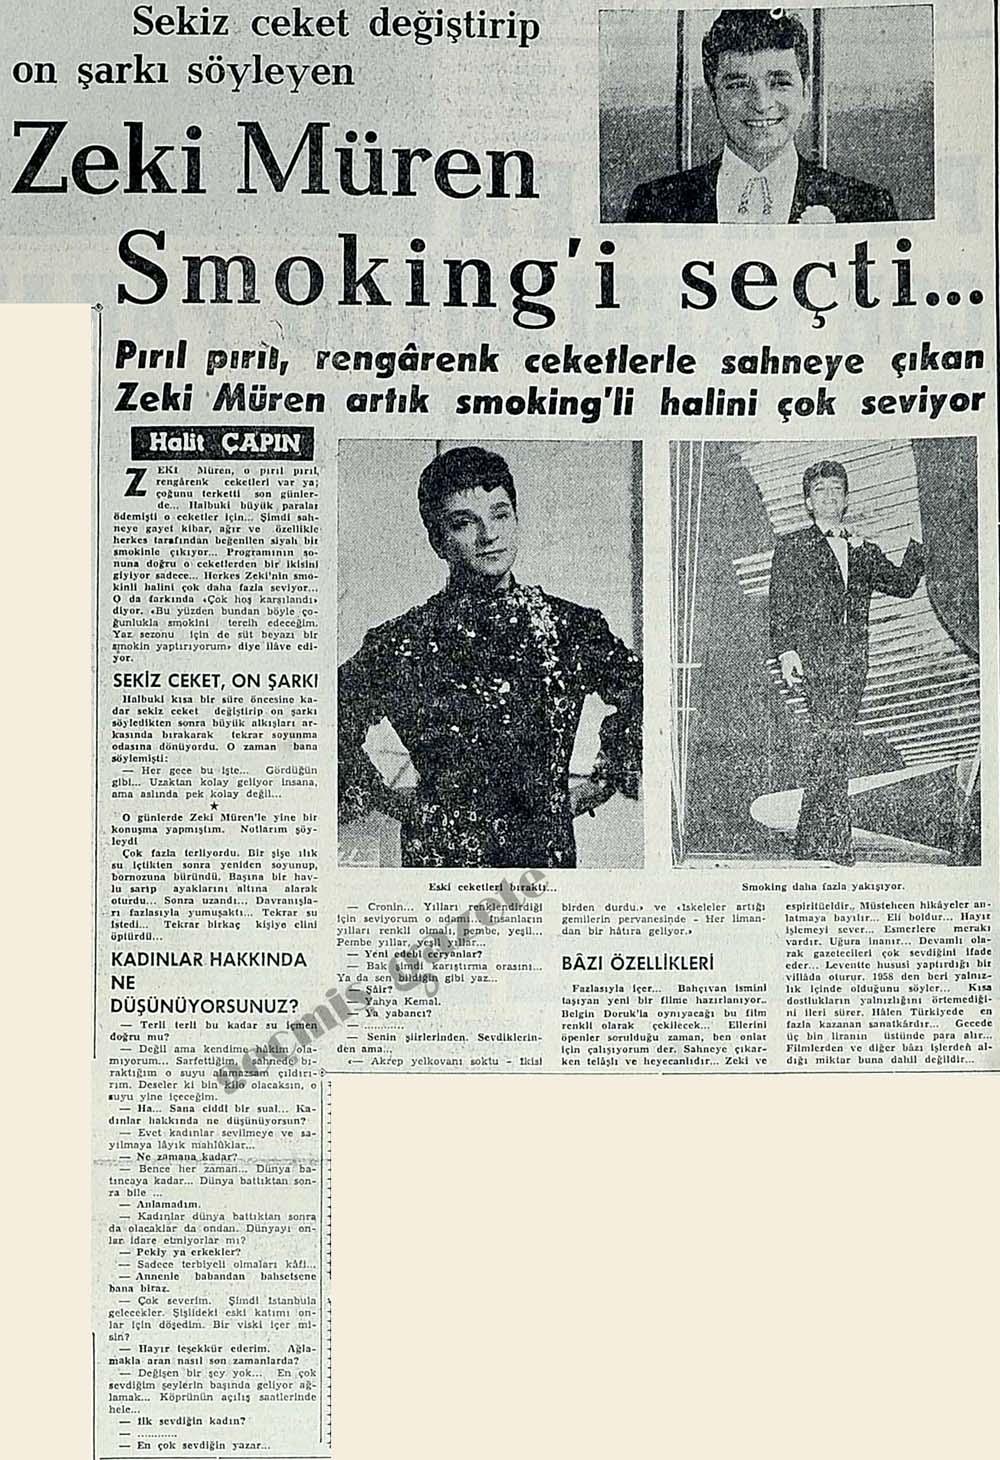 Smoking'i seçti...